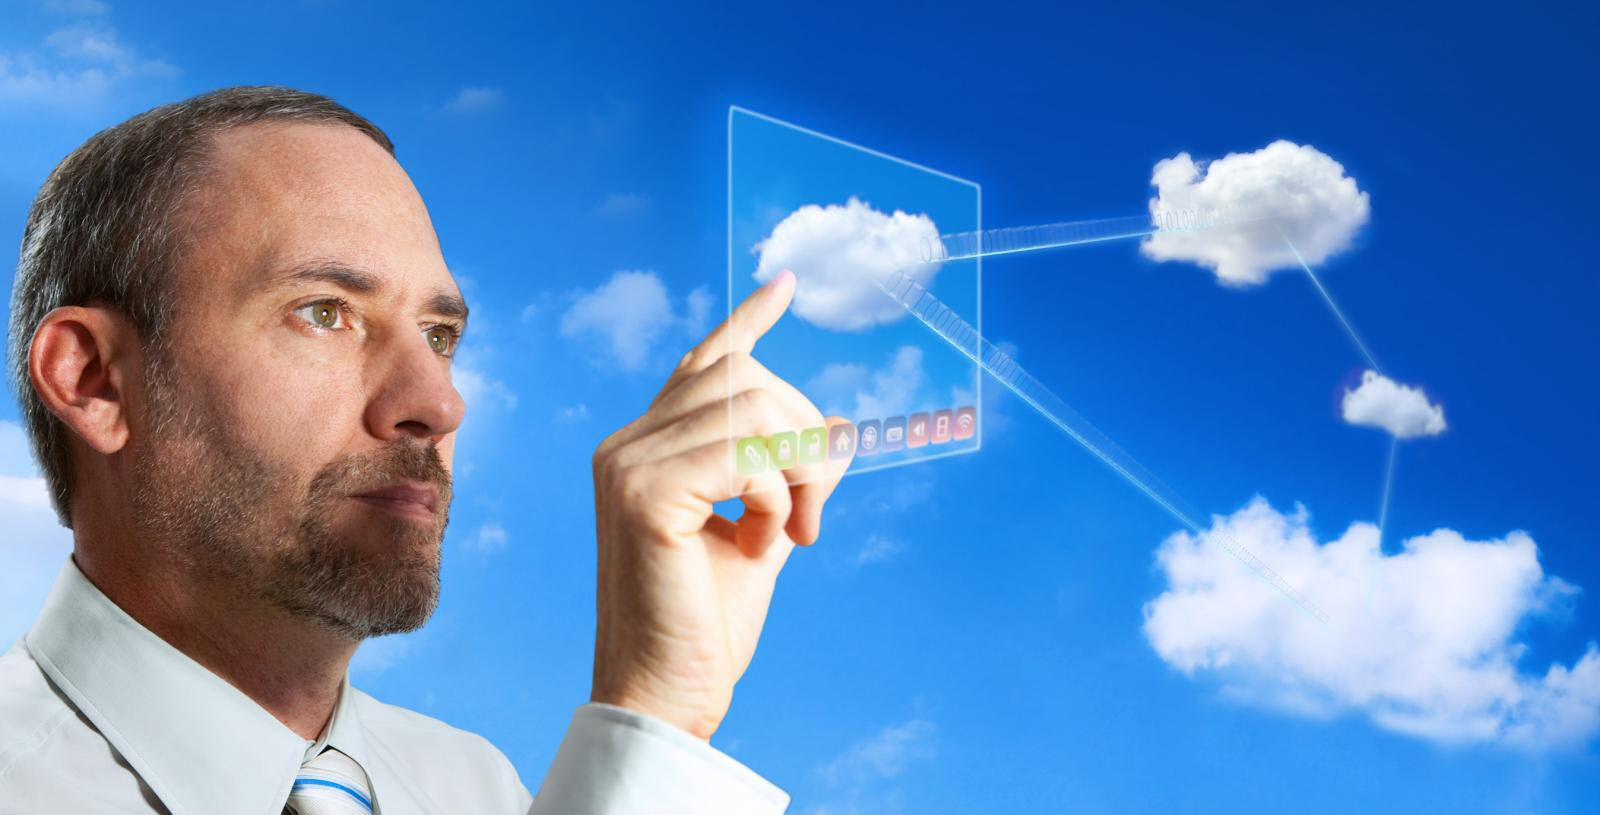 Loi_ich_cloud_computing